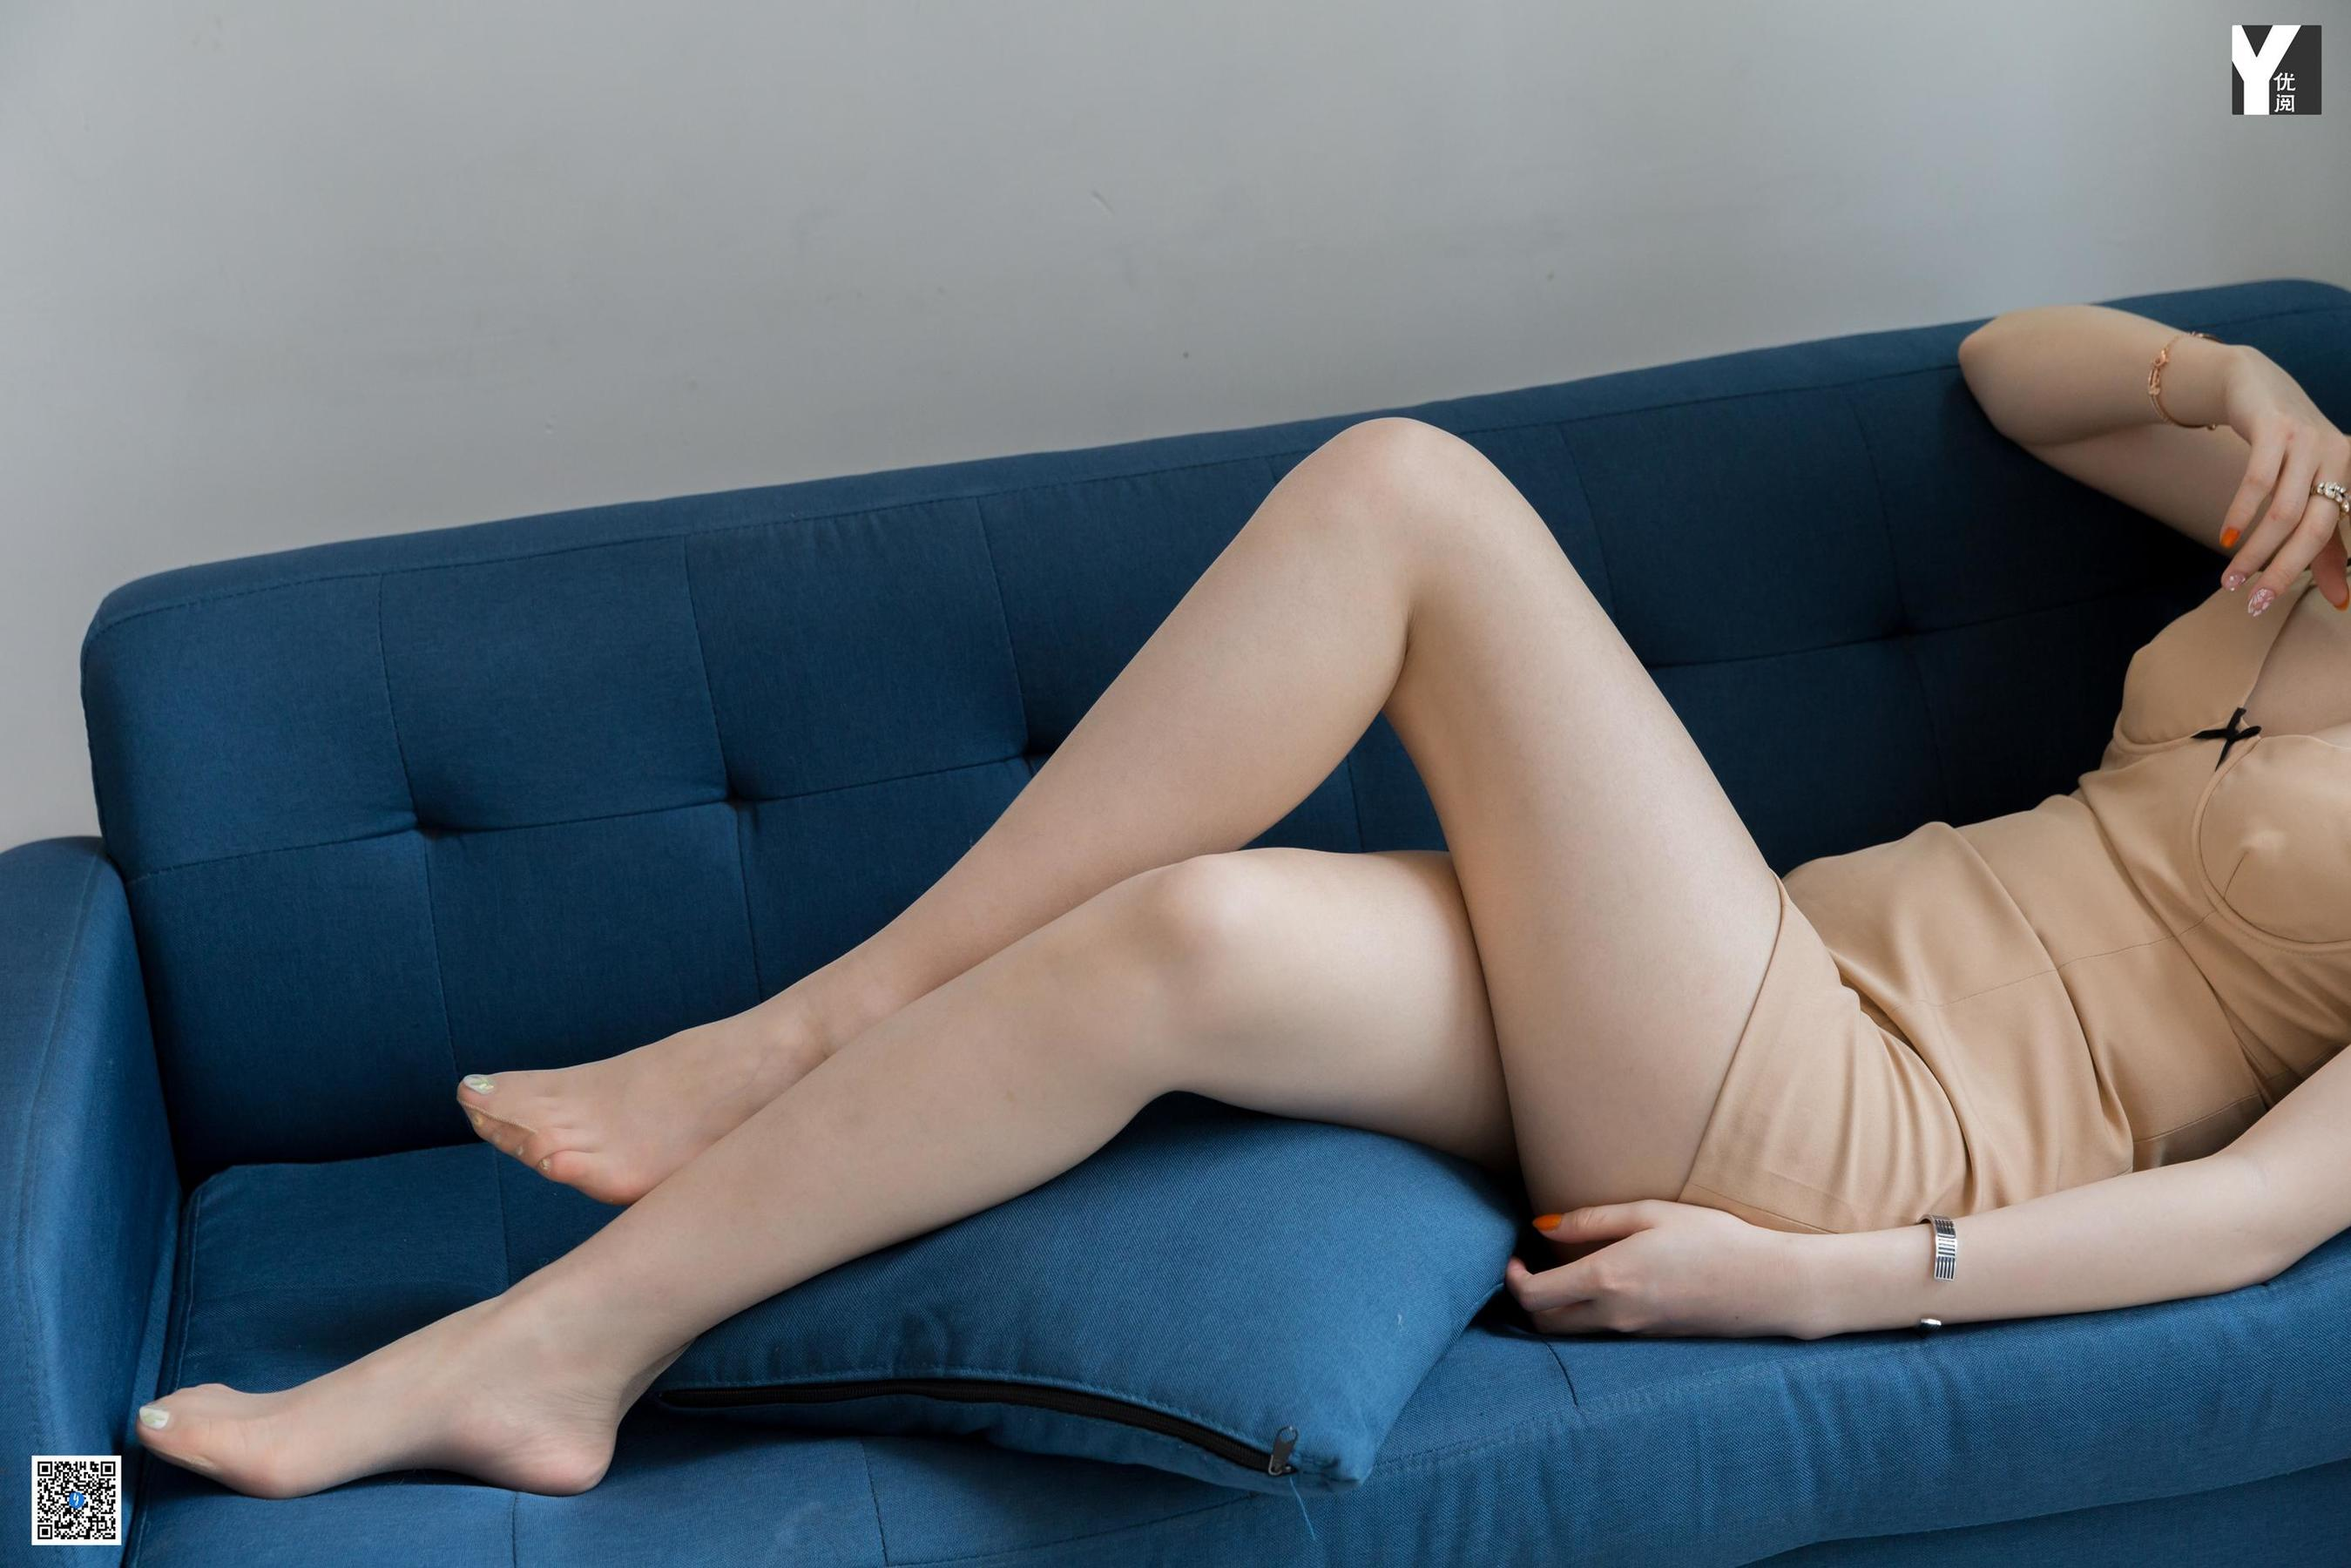 [IESS] 丝享家 764 喵姐《来一杯mojito》 丝袜美腿写真[90P]插图(9)